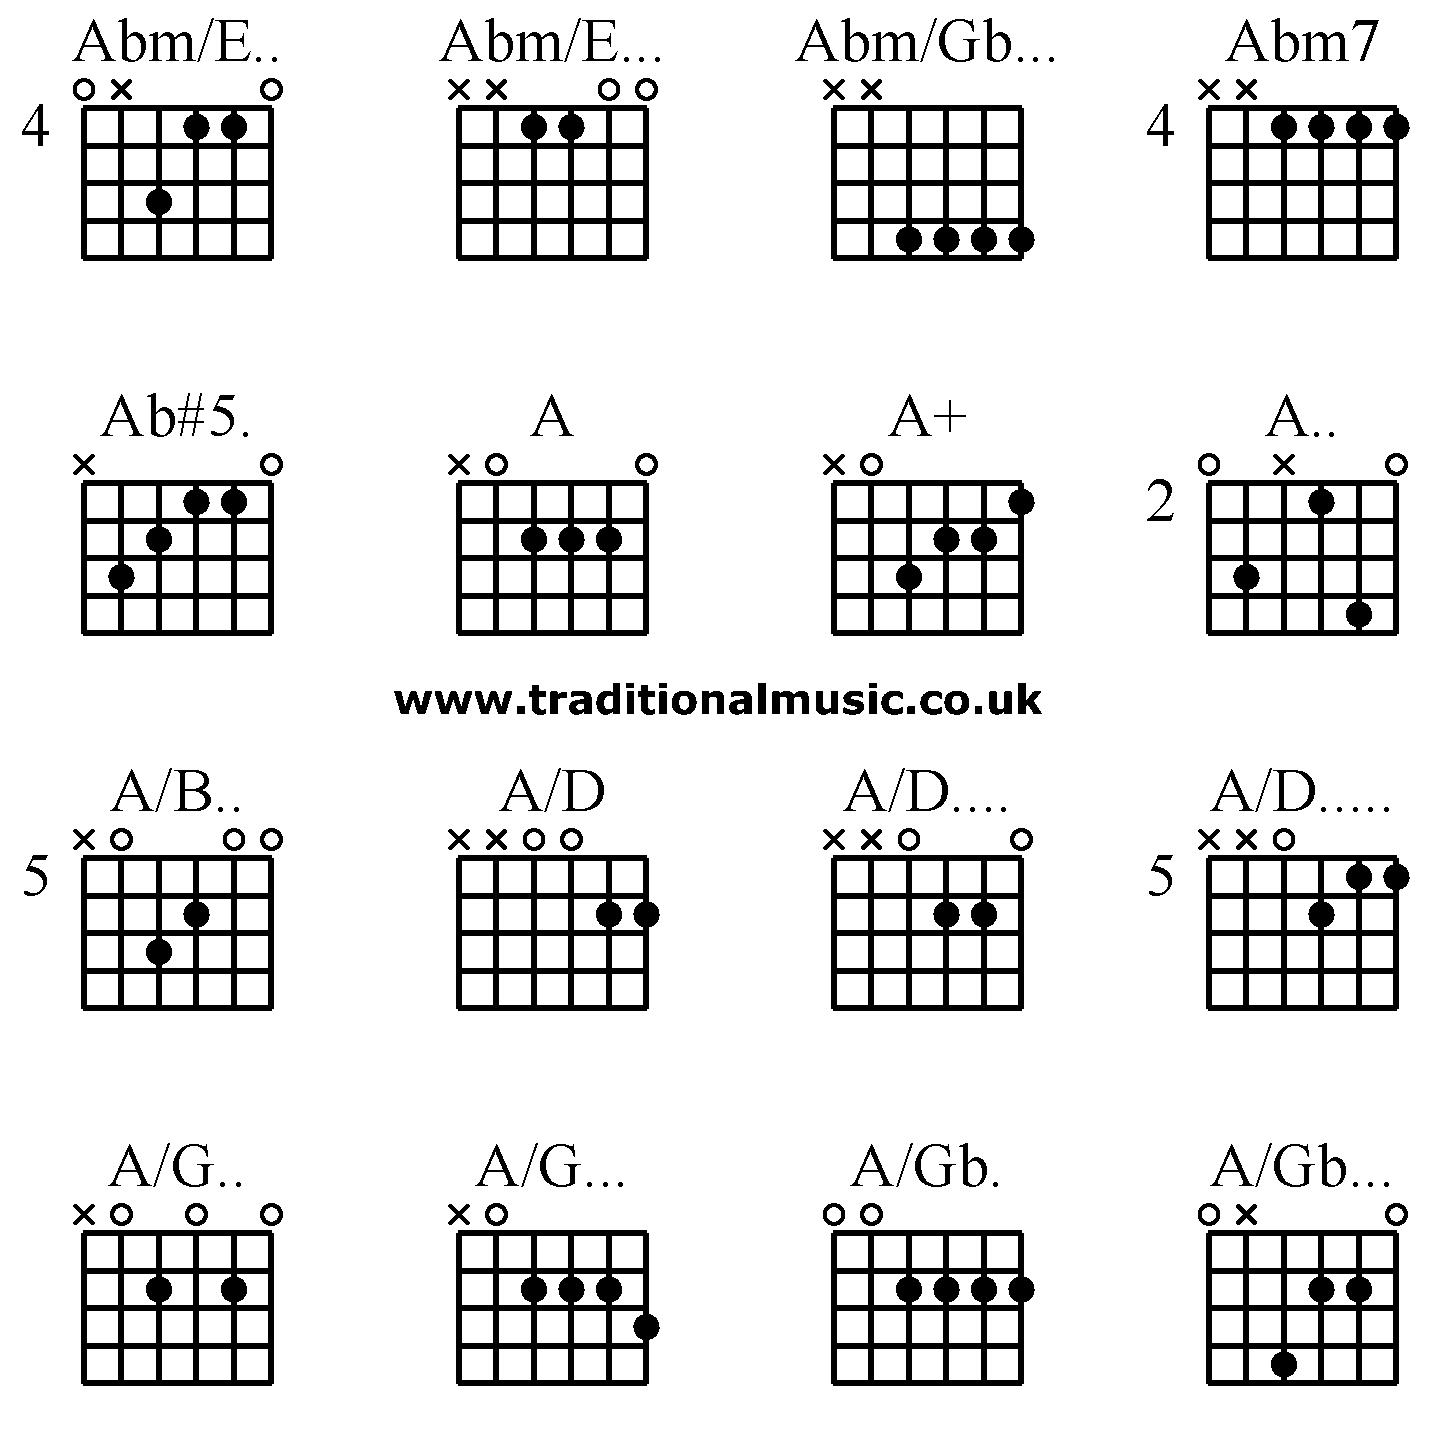 Advanced Guitar Chords Abm E Abm E Abm Gb Abm7